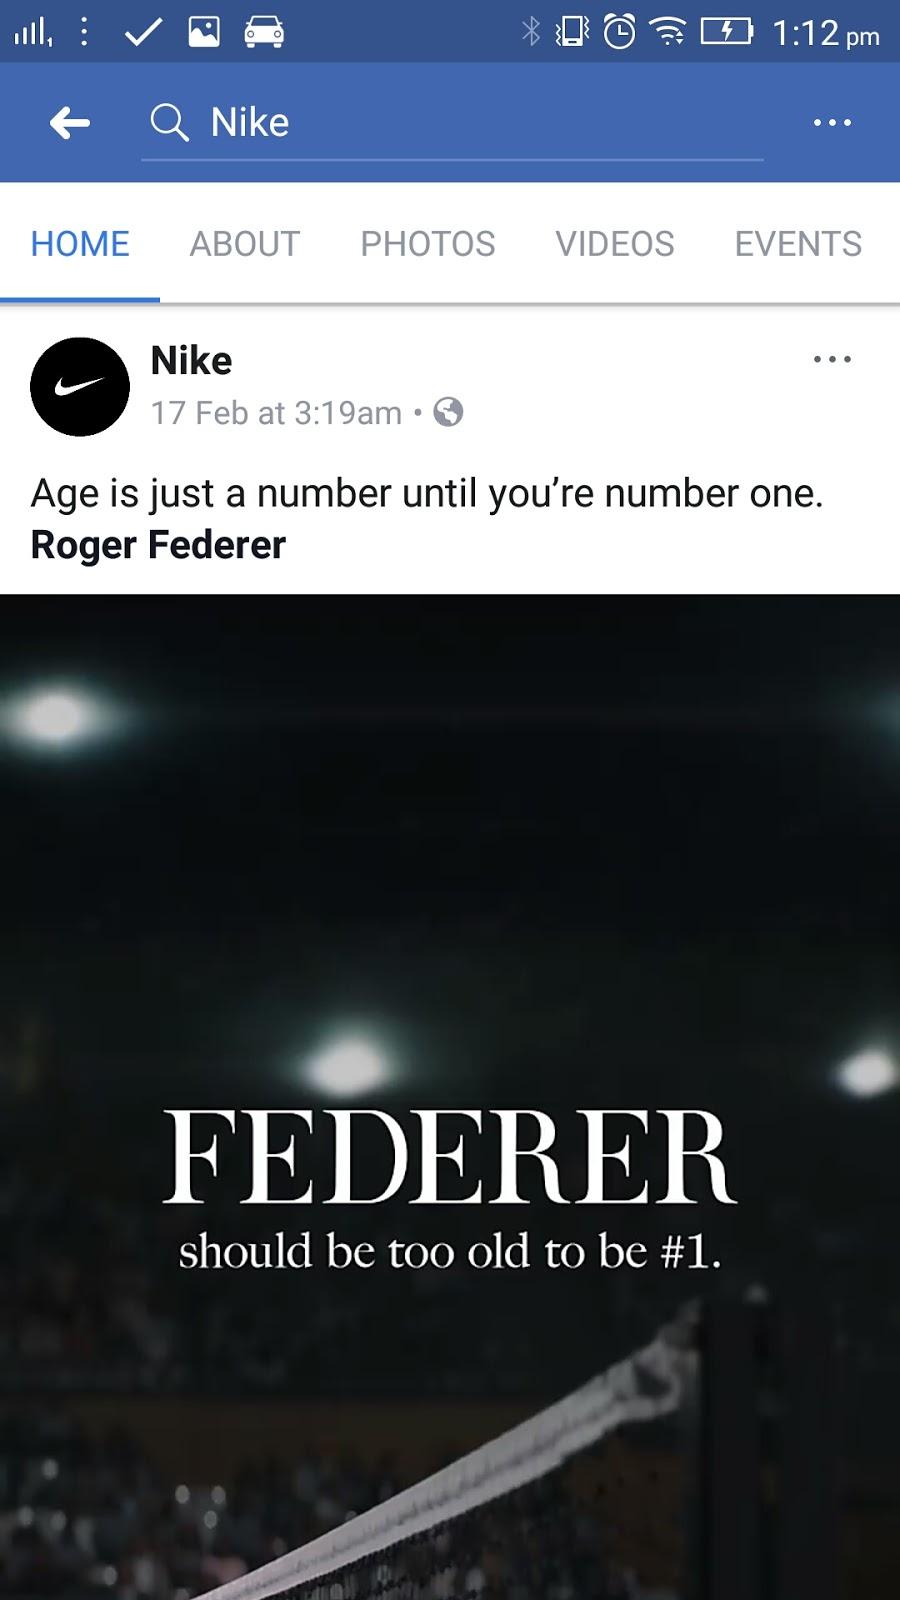 Nike Federer 3